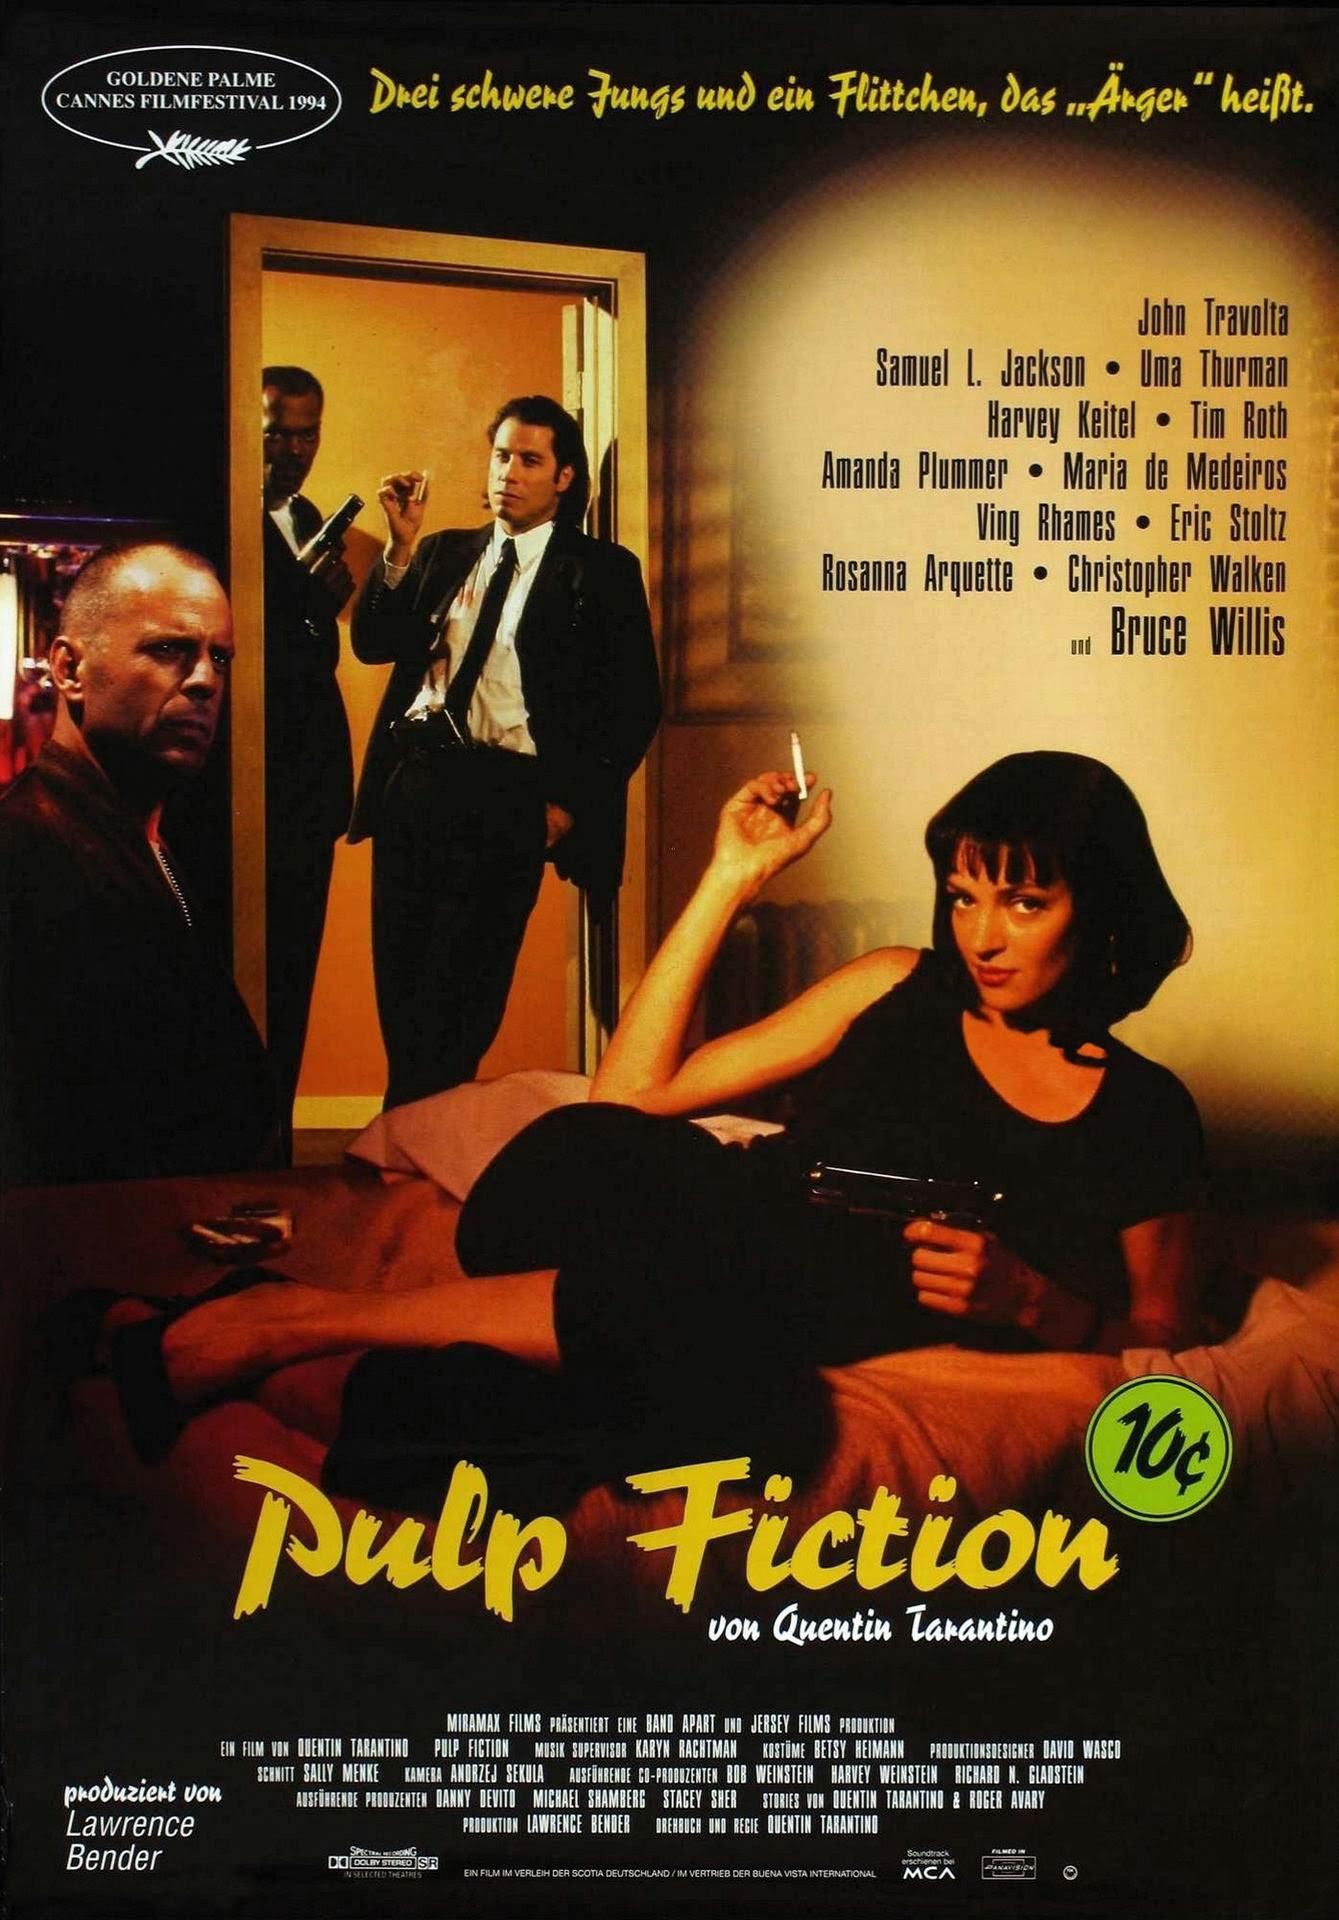 Pulp Fiction Movie Quotes. QuotesGram